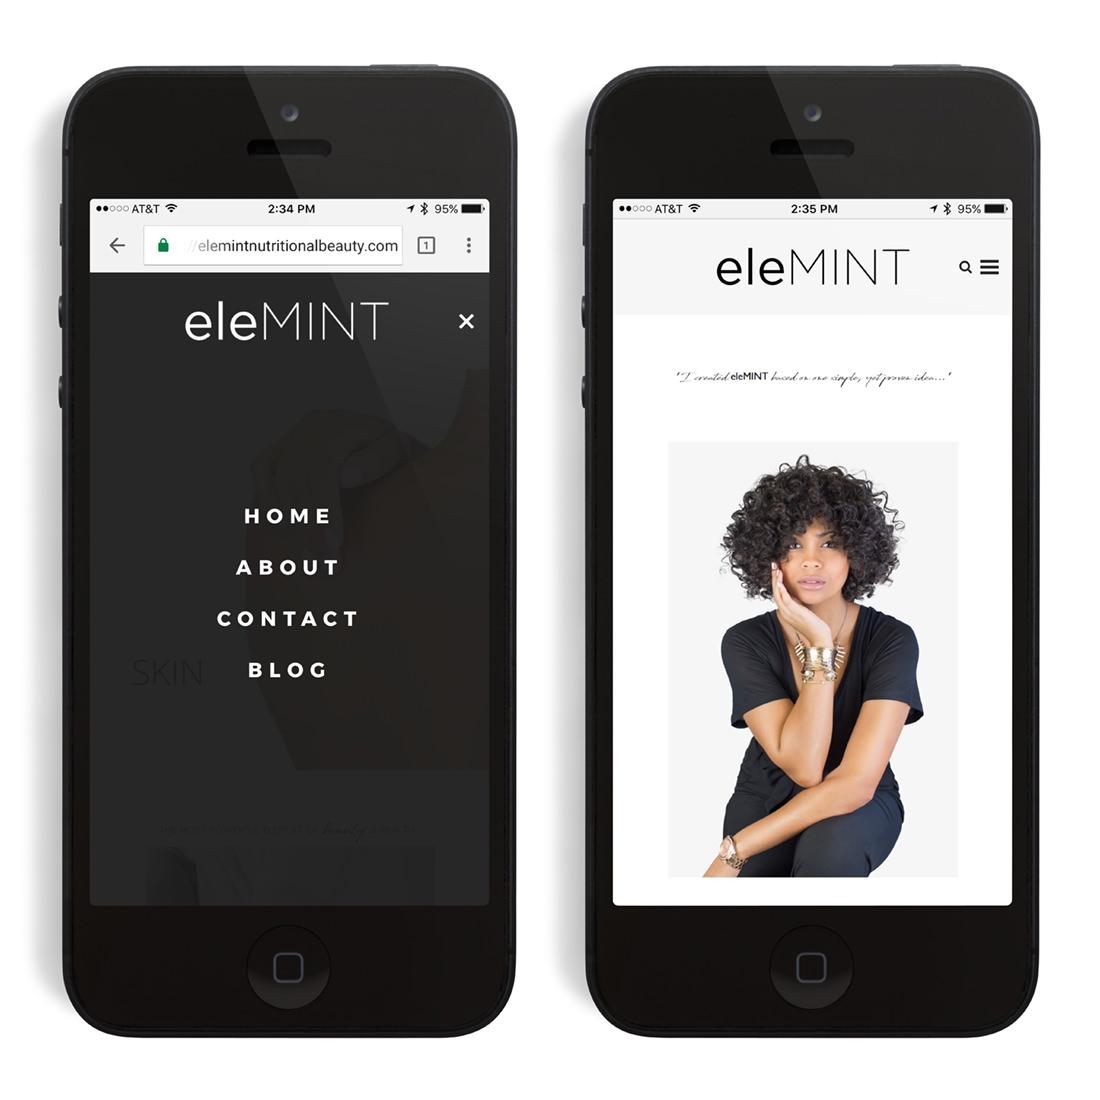 eleMINT Nutritional Beauty website on mobile